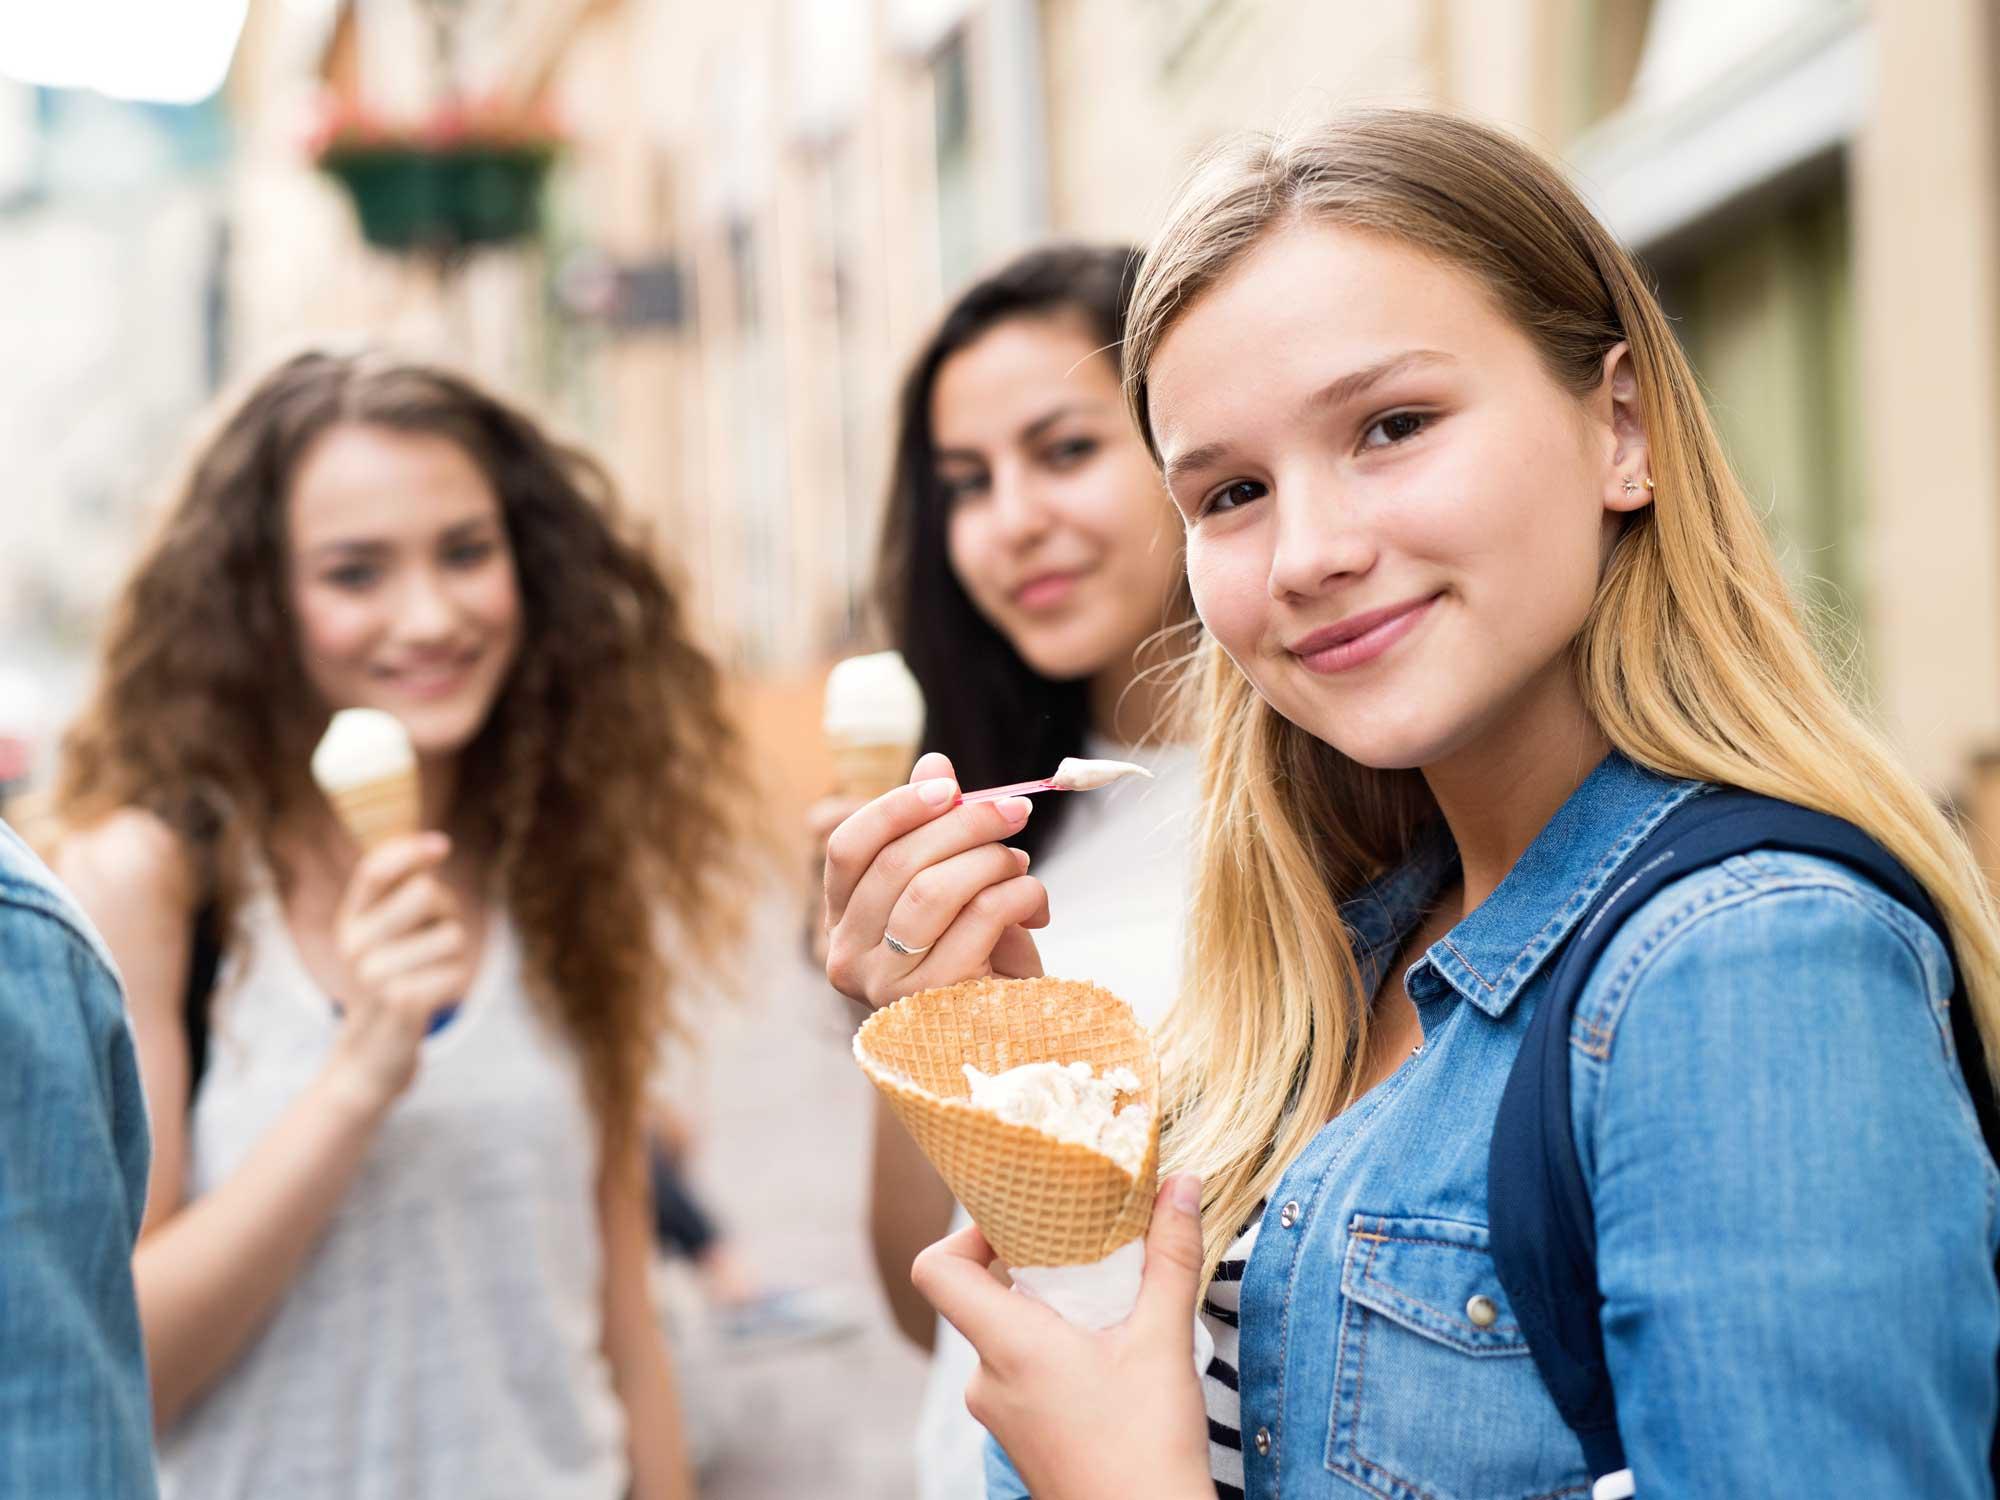 """Kinder und Jugendliche essen zu viele """"leere Kalorien"""""""